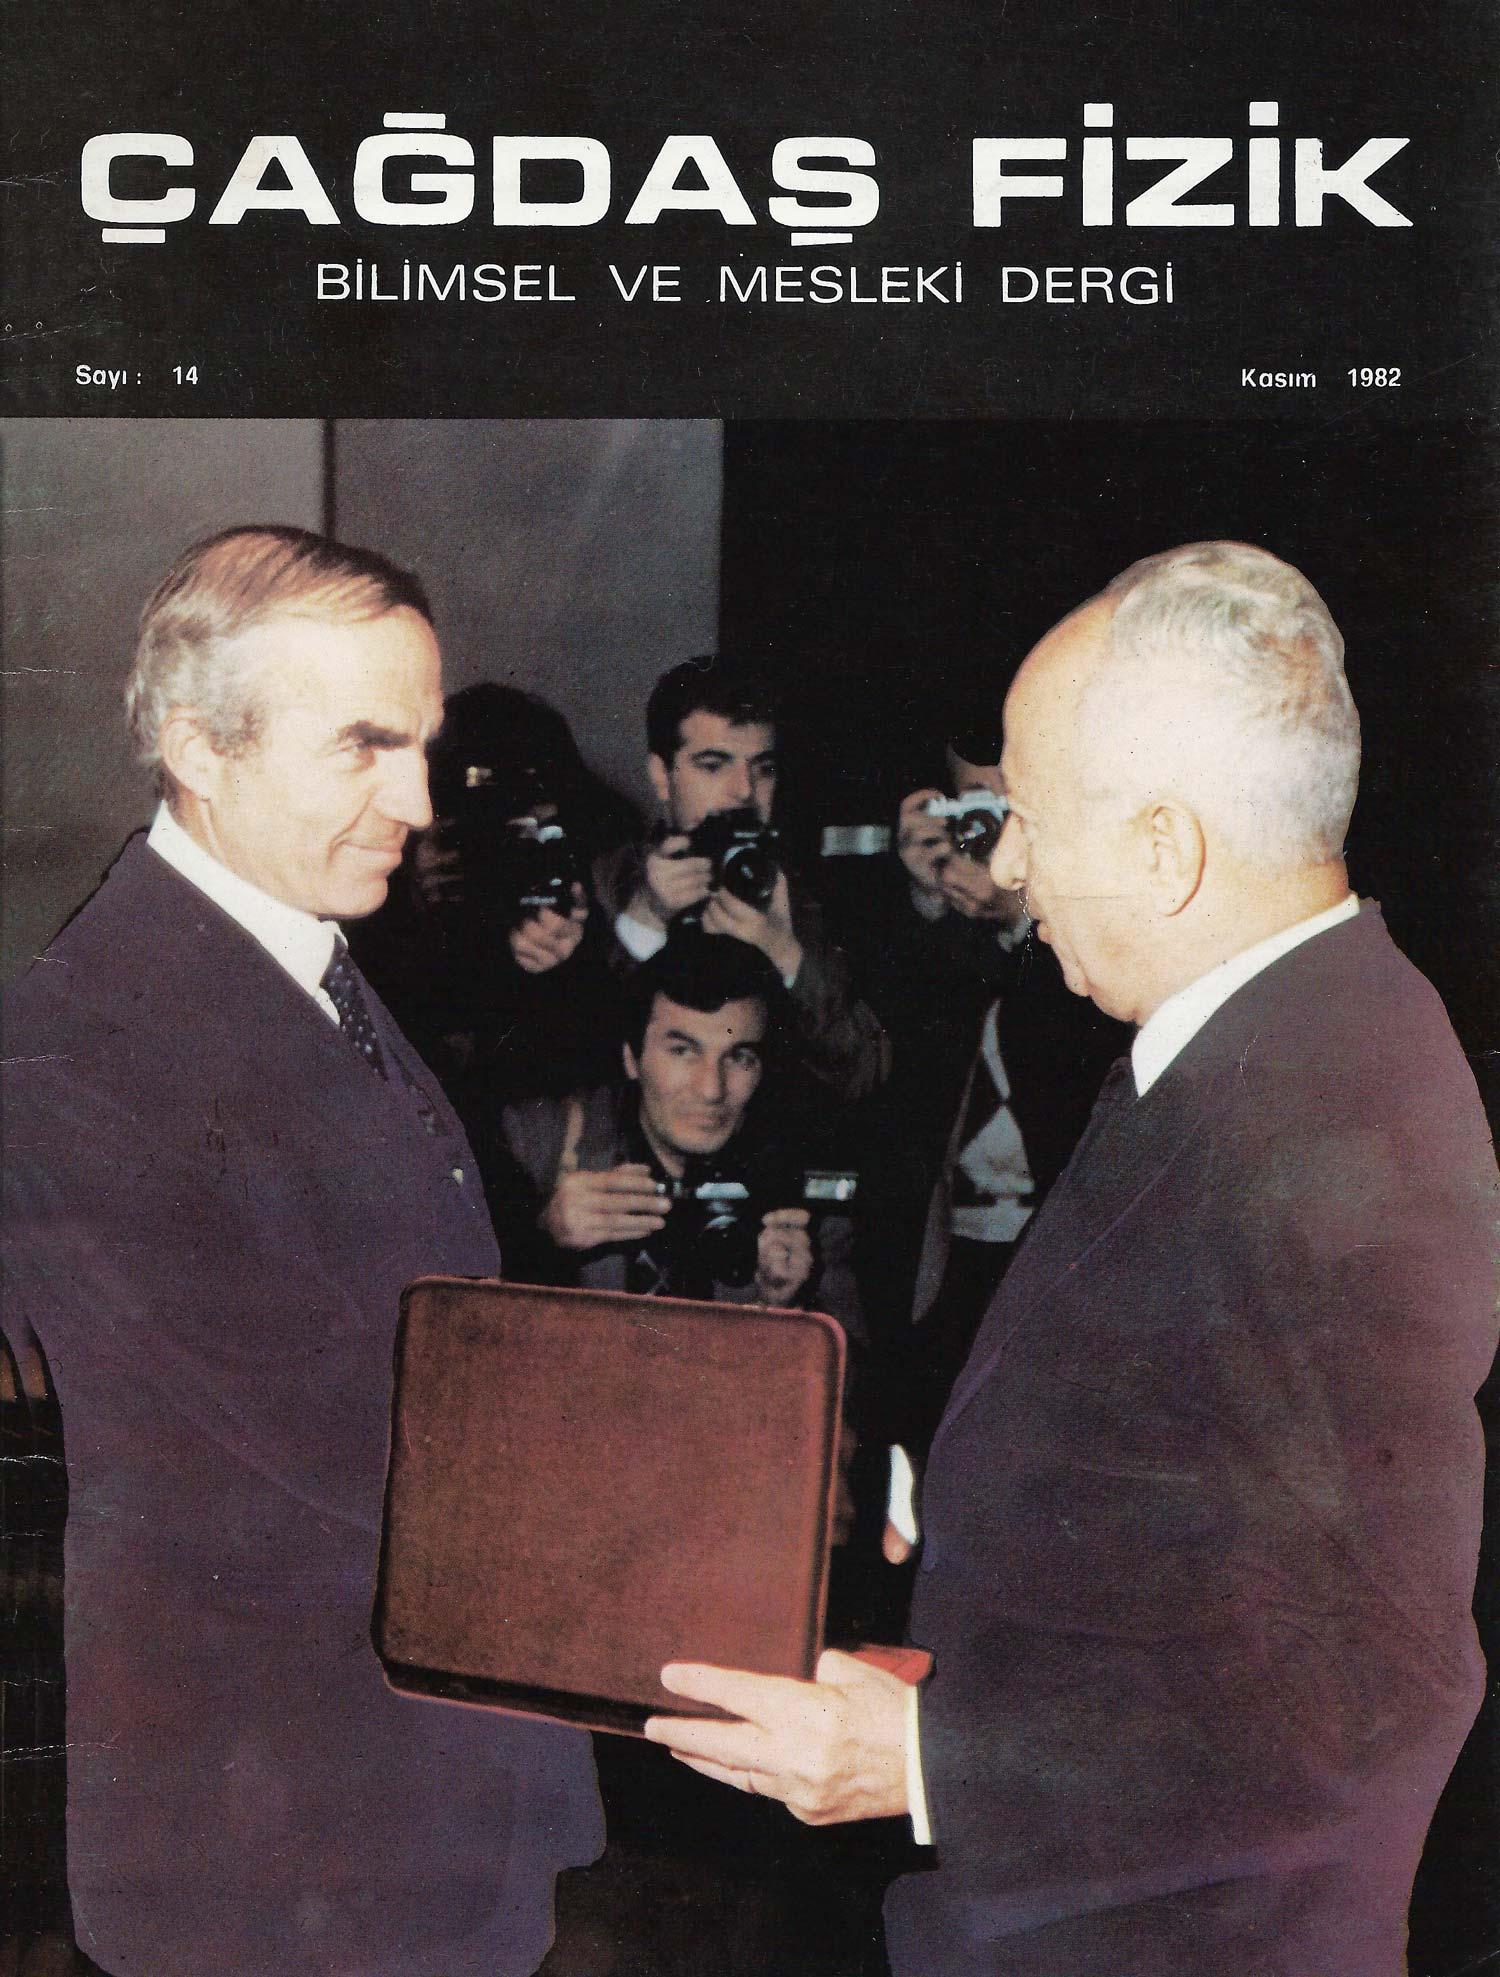 Basında Asım Orhan Barut | TEMEL BİLİMLER: DÜN, BUGÜN VE YARIN | Çağdaş Fizik | Bilimsel ve Mesleki Dergi | Sayı:14, Kasım 1982